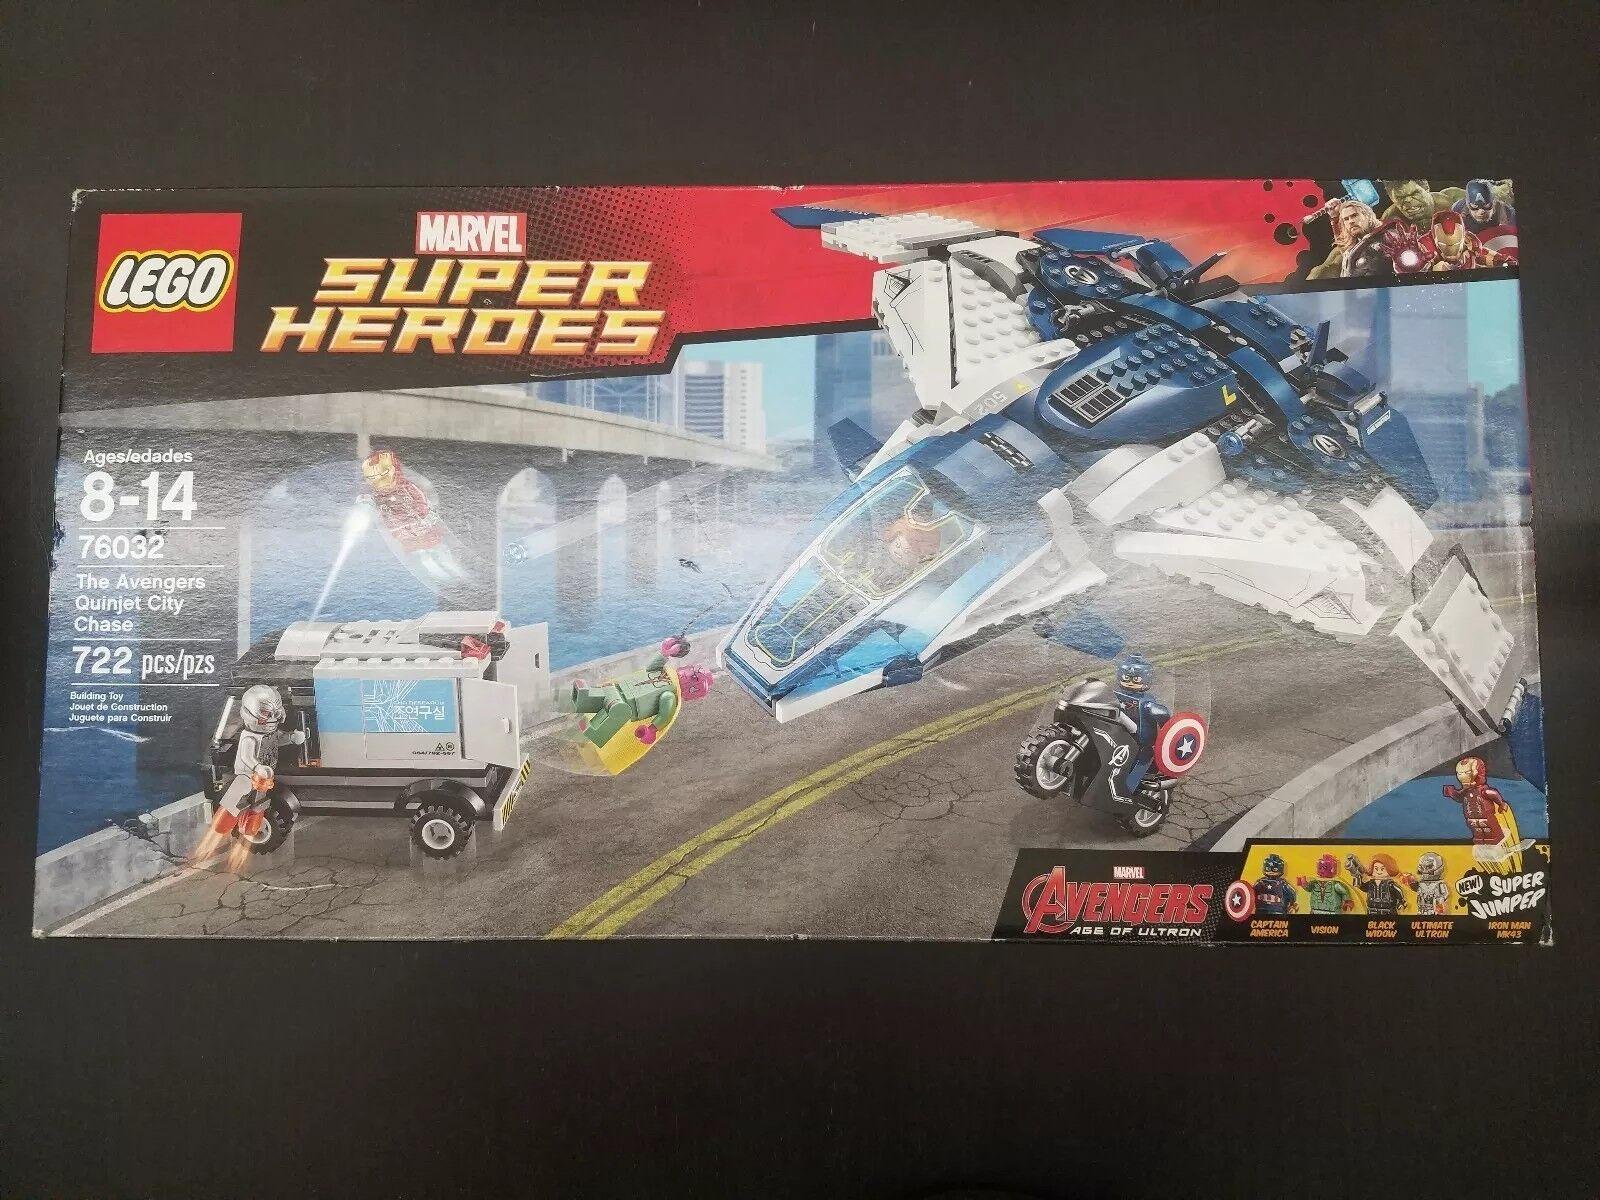 LEGO 76032 Marvel Super Heroes The Avengers Quinjet  città Chase RARE nuovo Retirosso  autentico